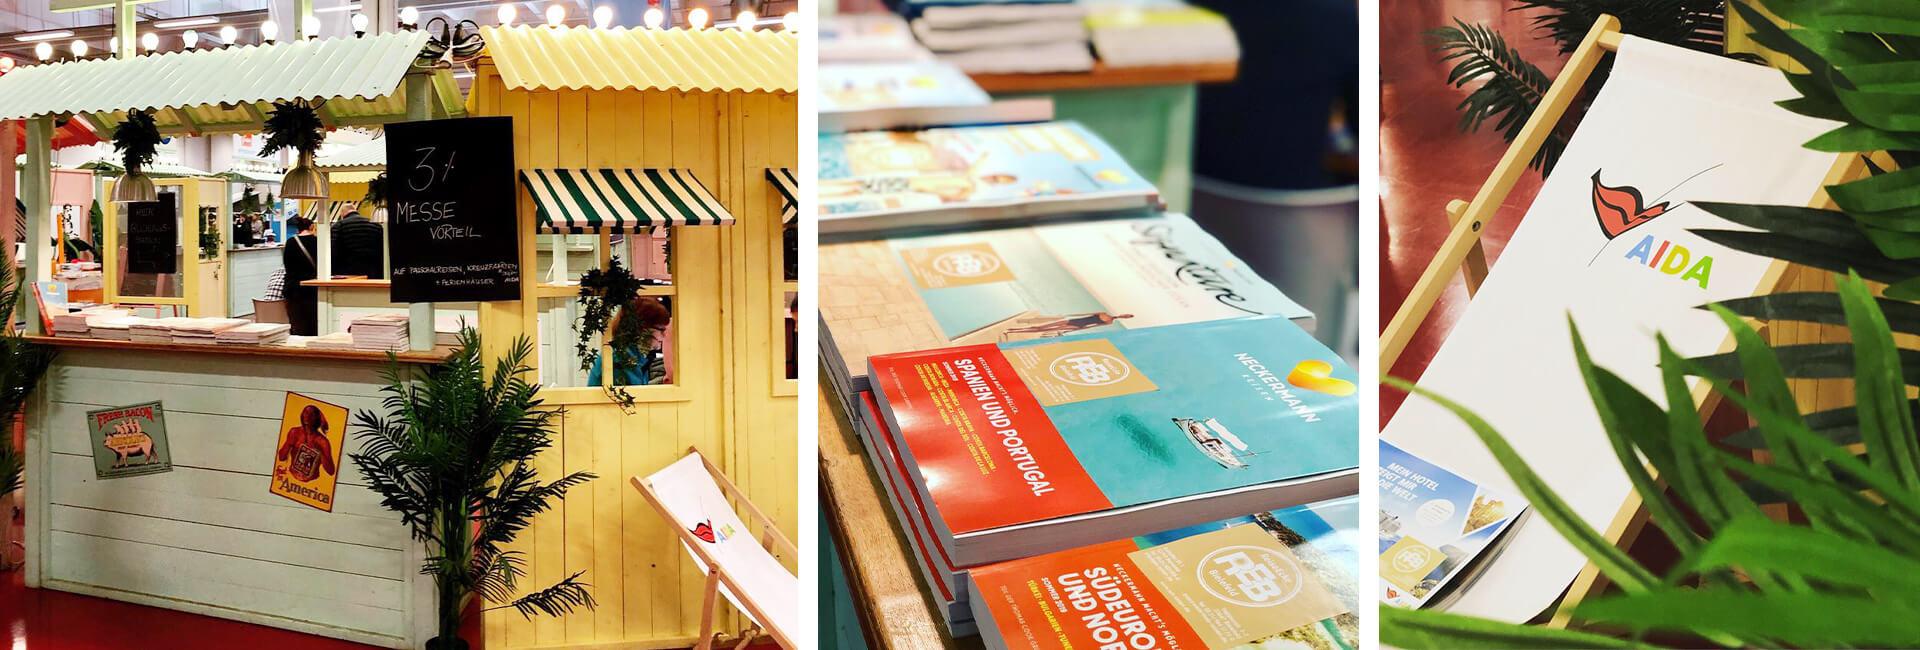 Fotocollage Impressionen von der Reisemesse in Bad Salzuflen